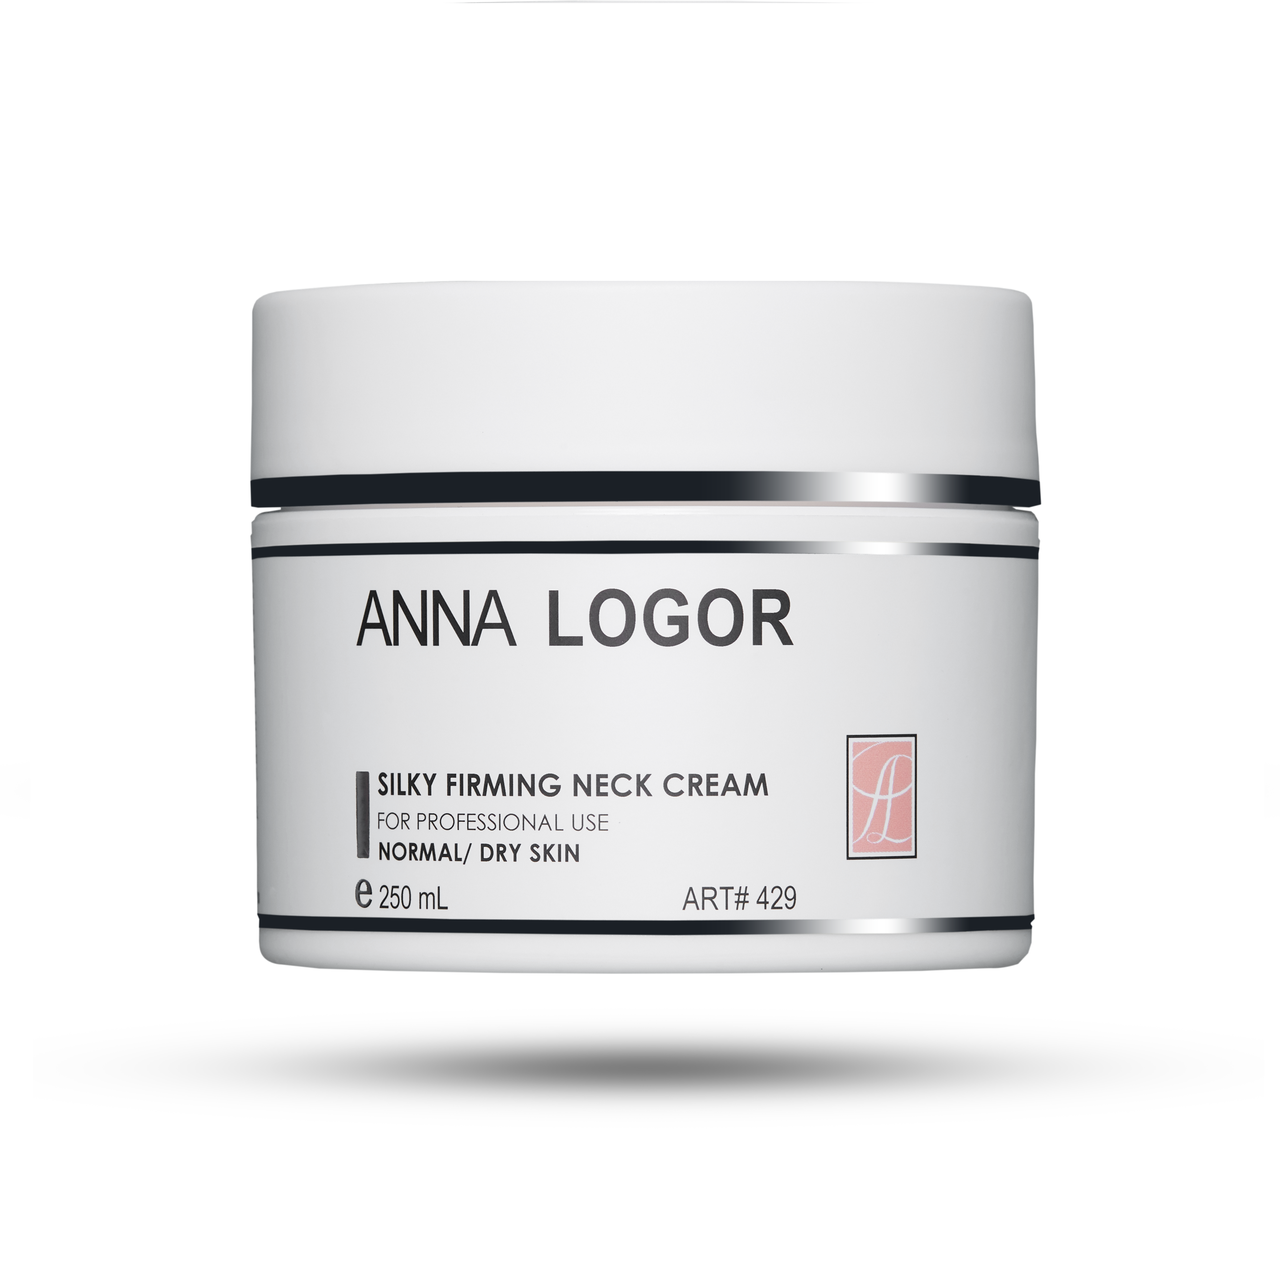 Зміцнюючий крем для шиї та декольте Анна Логор / Anna Logor Silky Firming Neck Cream 250 мл Код 429